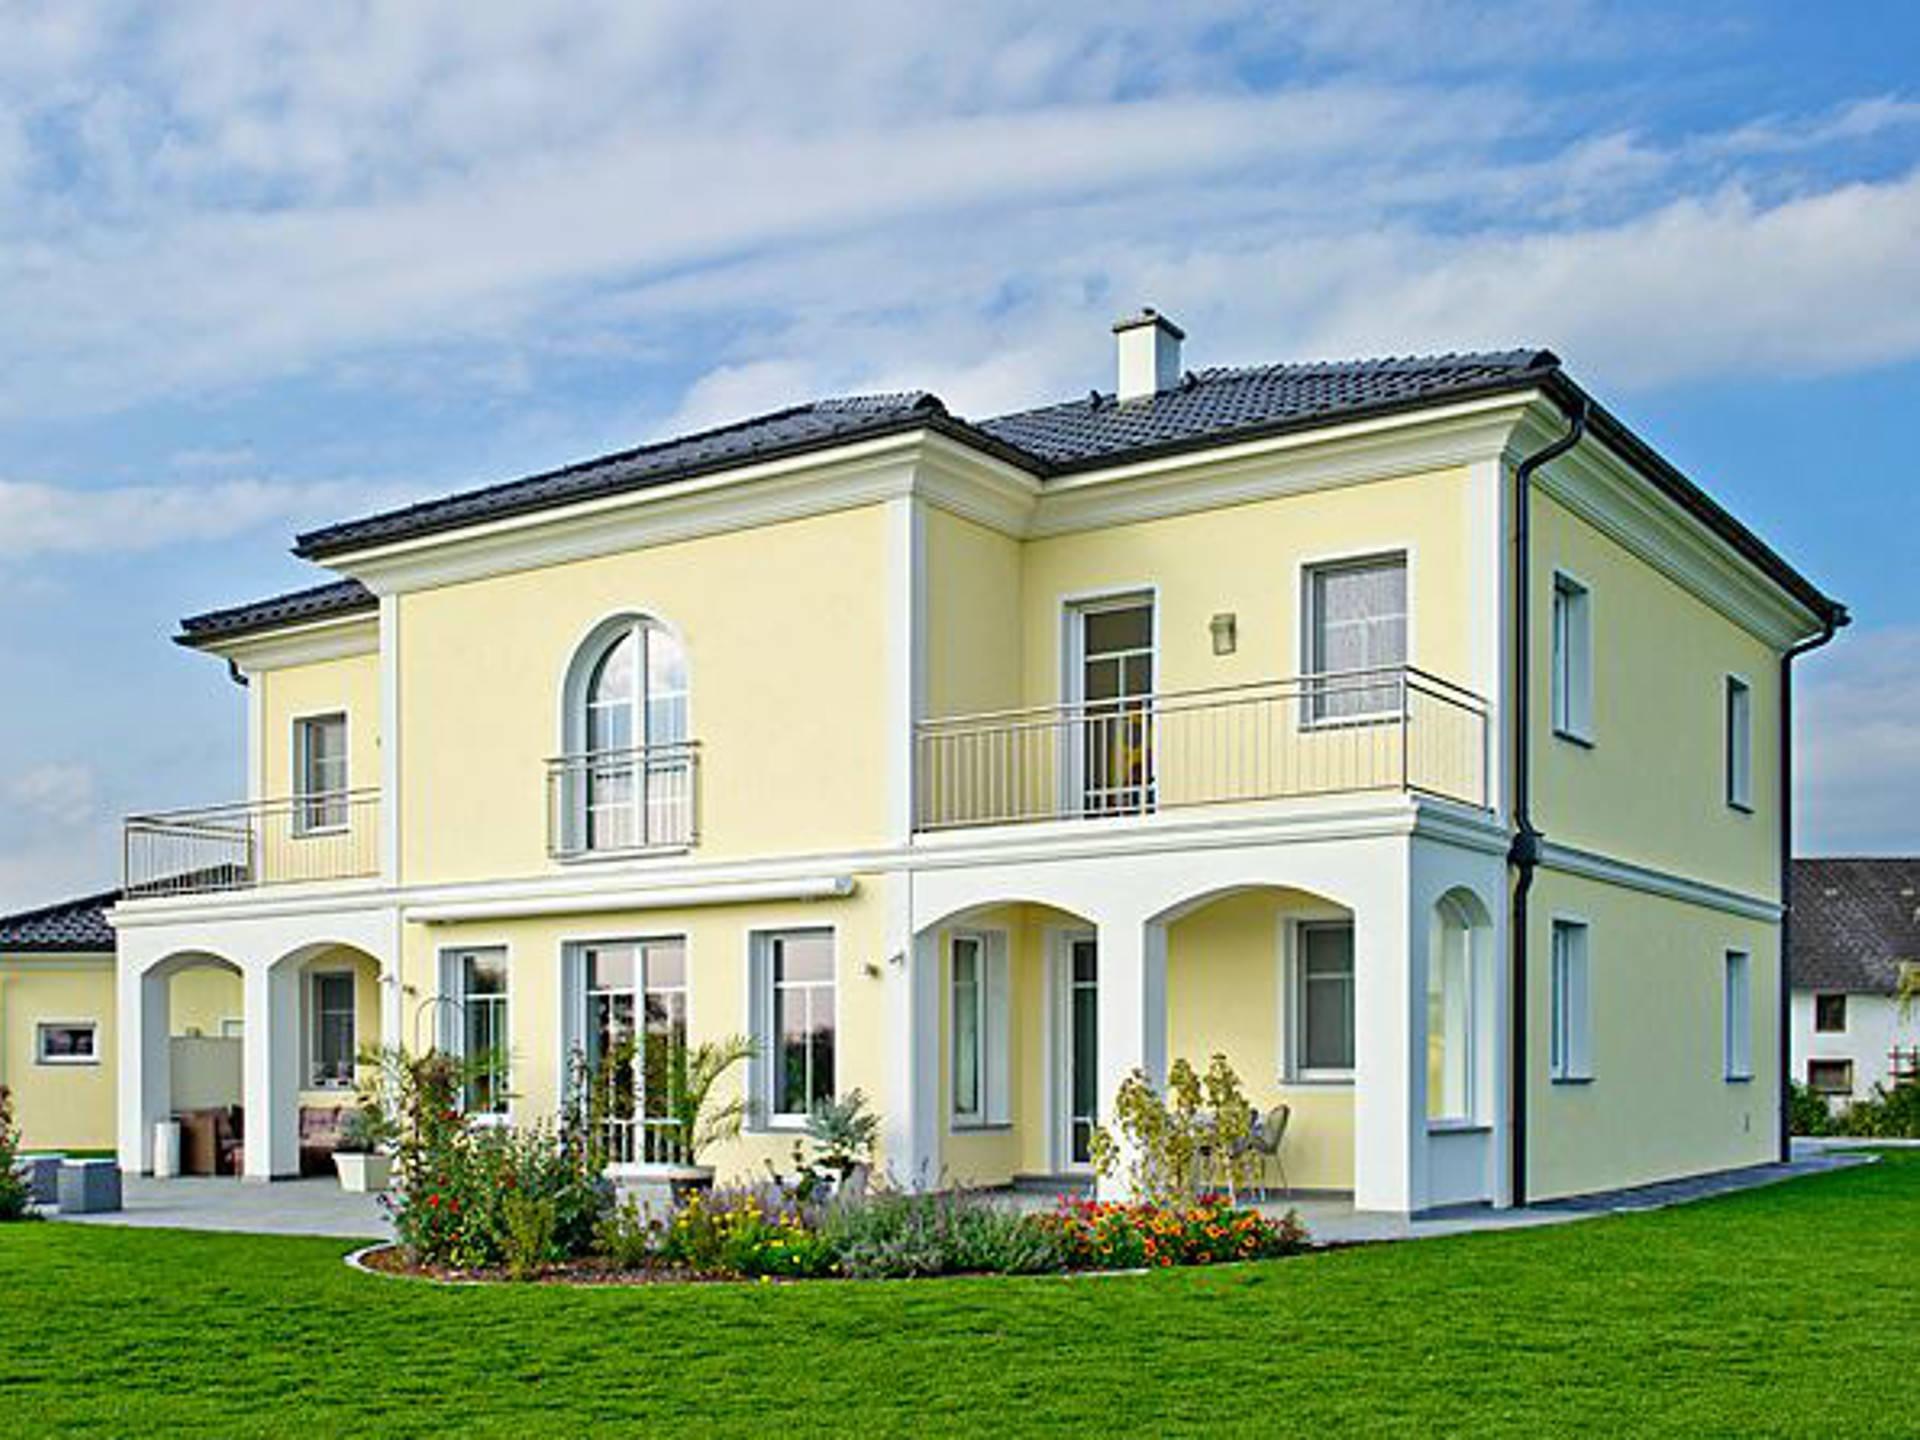 Hausbaufirmen in Ihrer egion - Fertighauskataloge24.de size: 1920 x 1440 post ID: 5 File size: 0 B